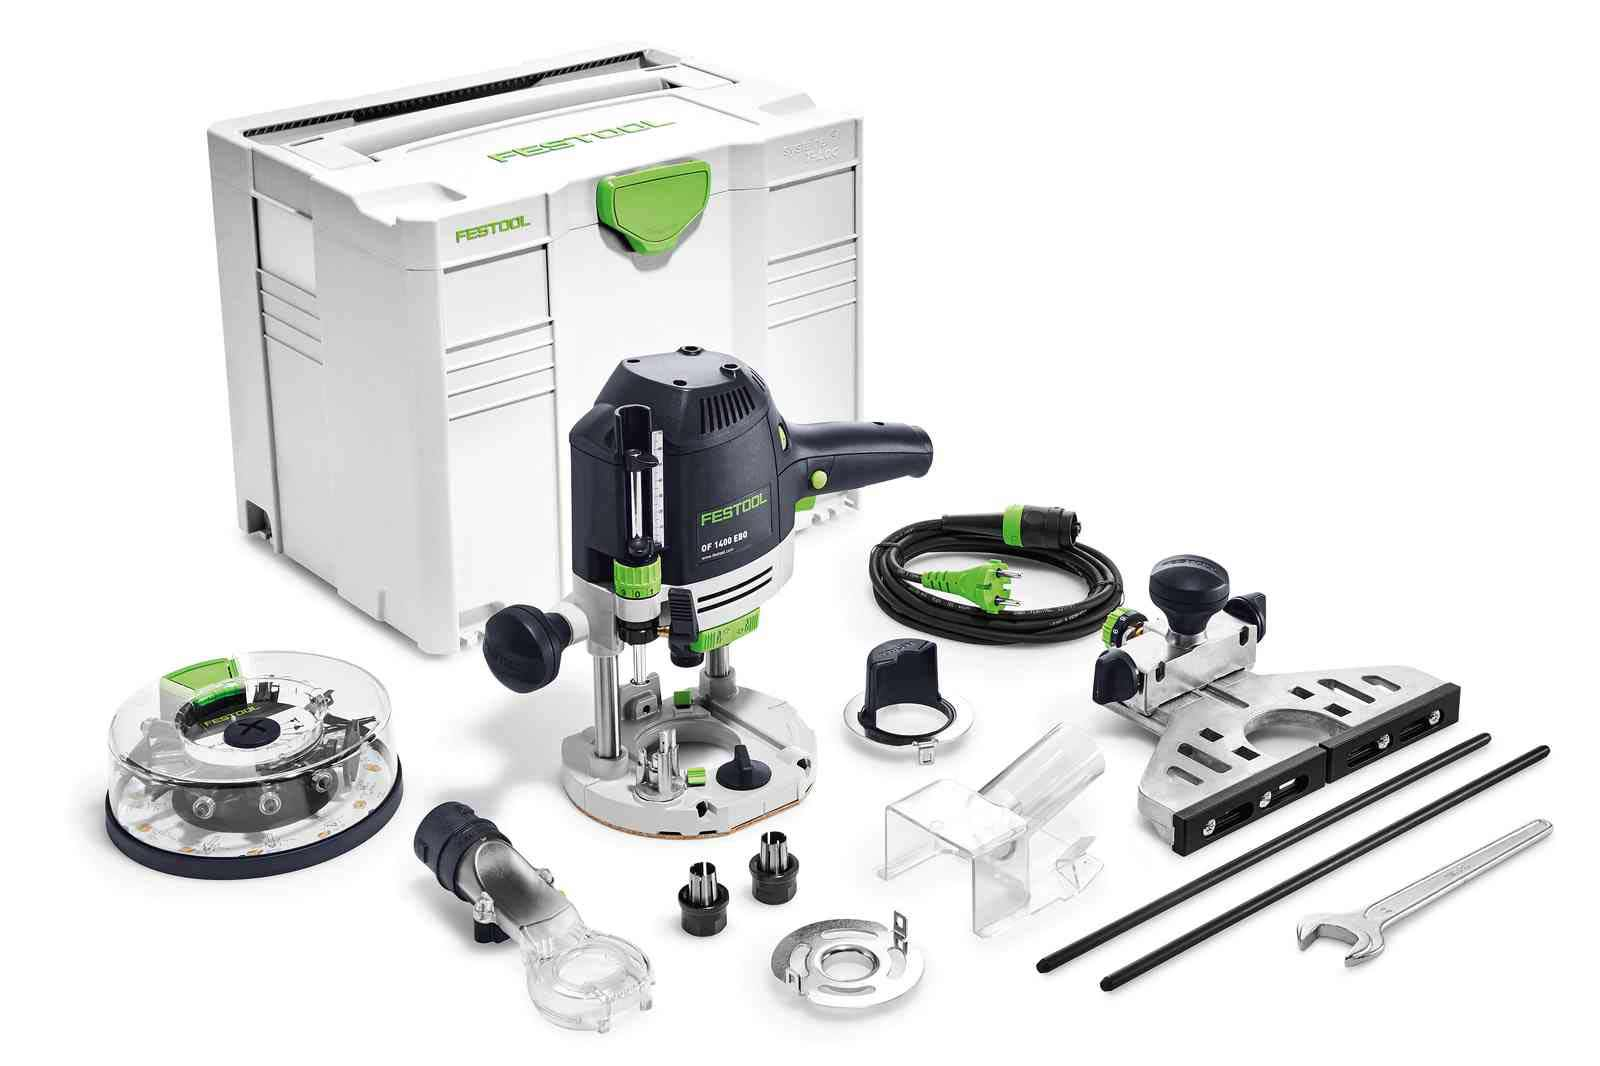 Défonceuse OF1400 EBQ-Plus + Box-OF-S 8/10x HW avec accessoires